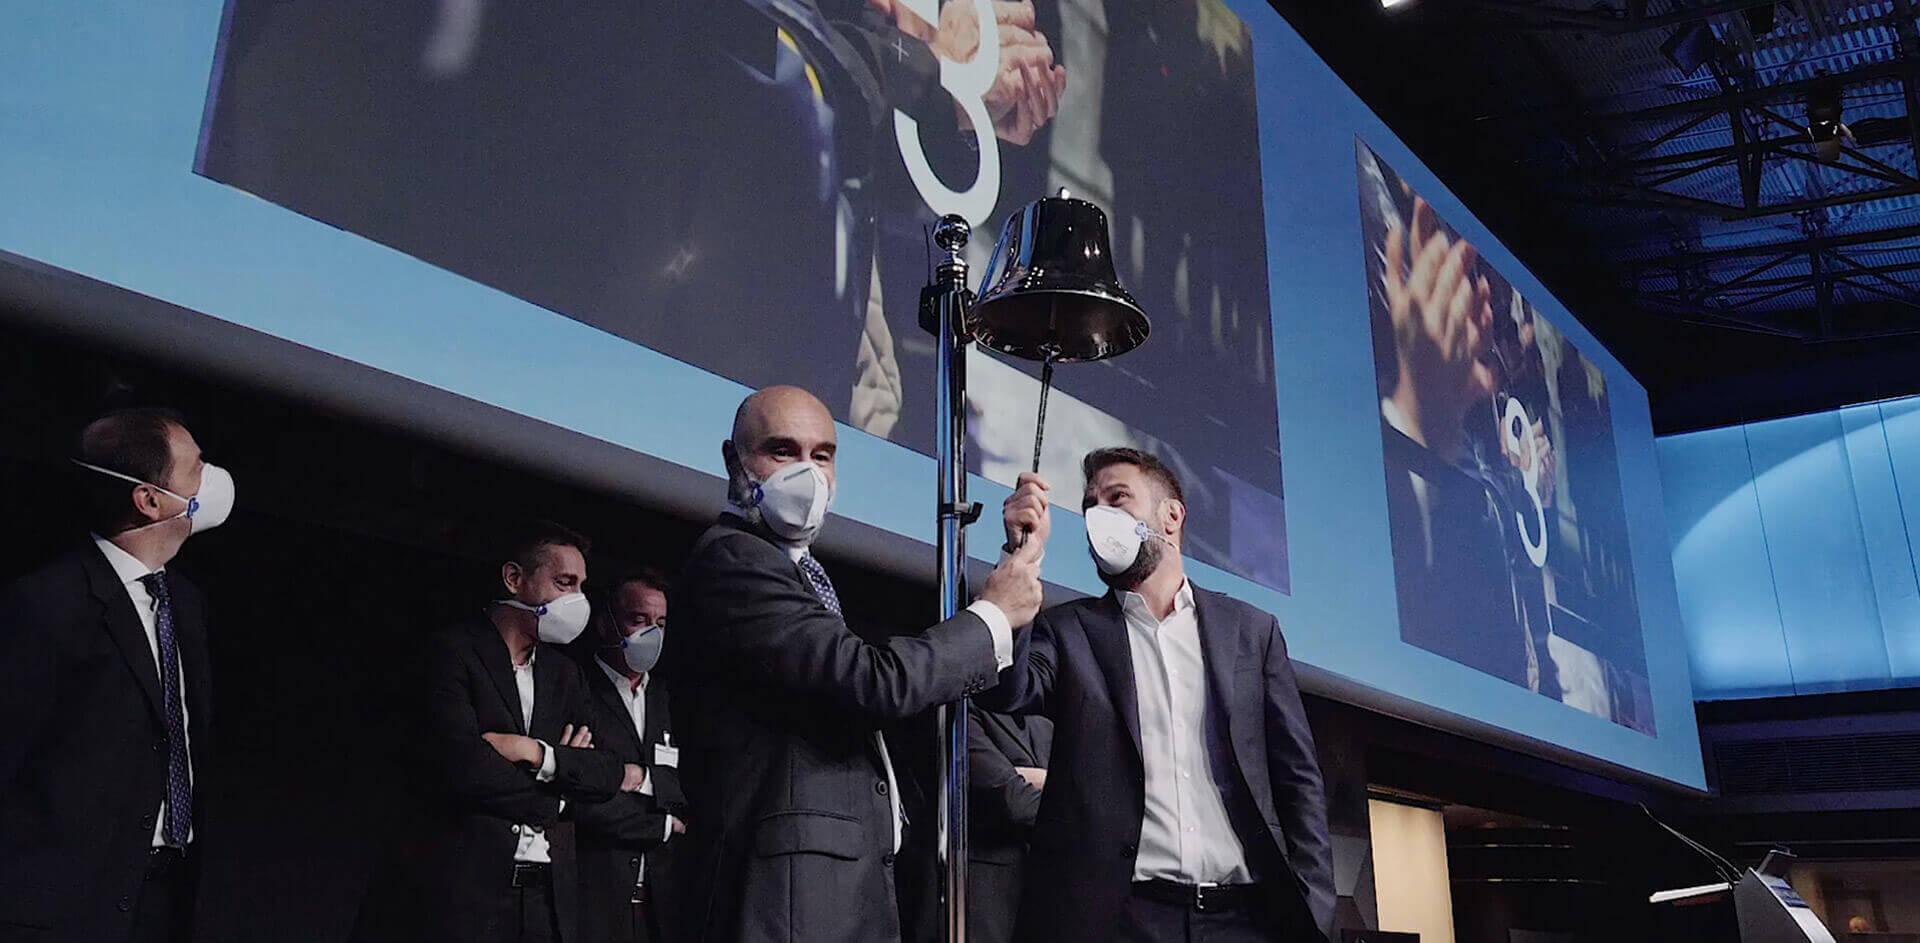 GVS IPO Ceremony at Borsa Italiana